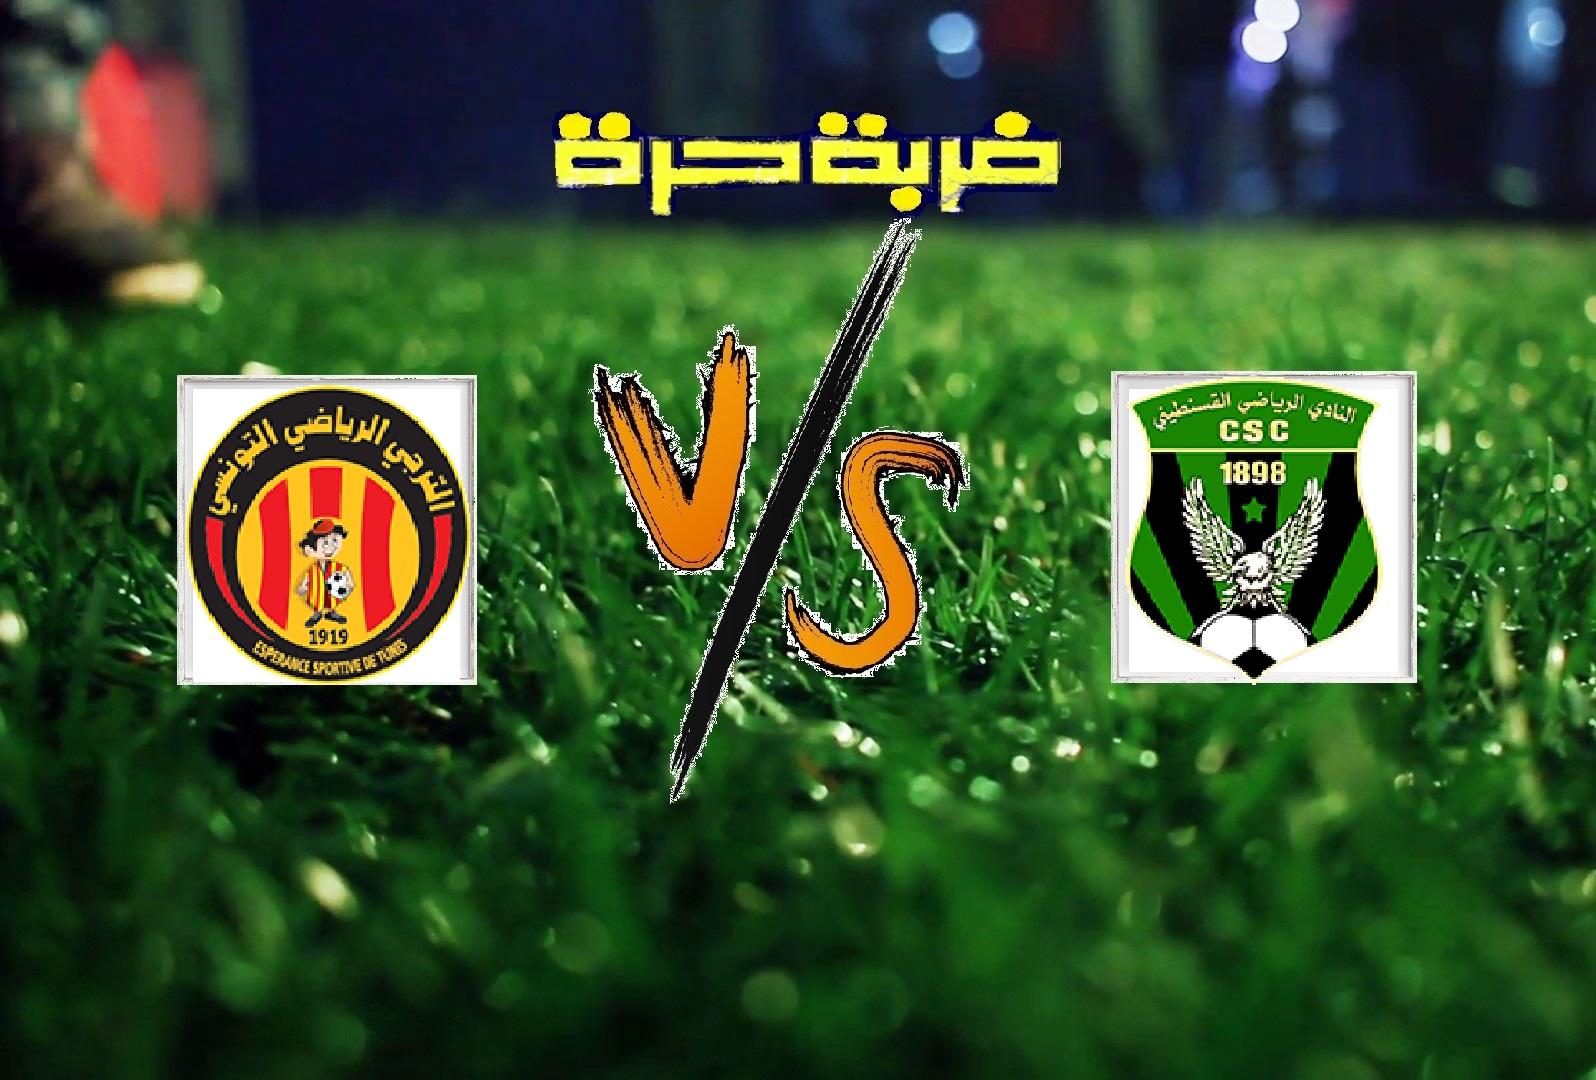 نتيجة مباراة الترجي التونسي وشباب قسنطينة اليوم السبت بتاريخ 13-04-2019 دوري أبطال أفريقيا